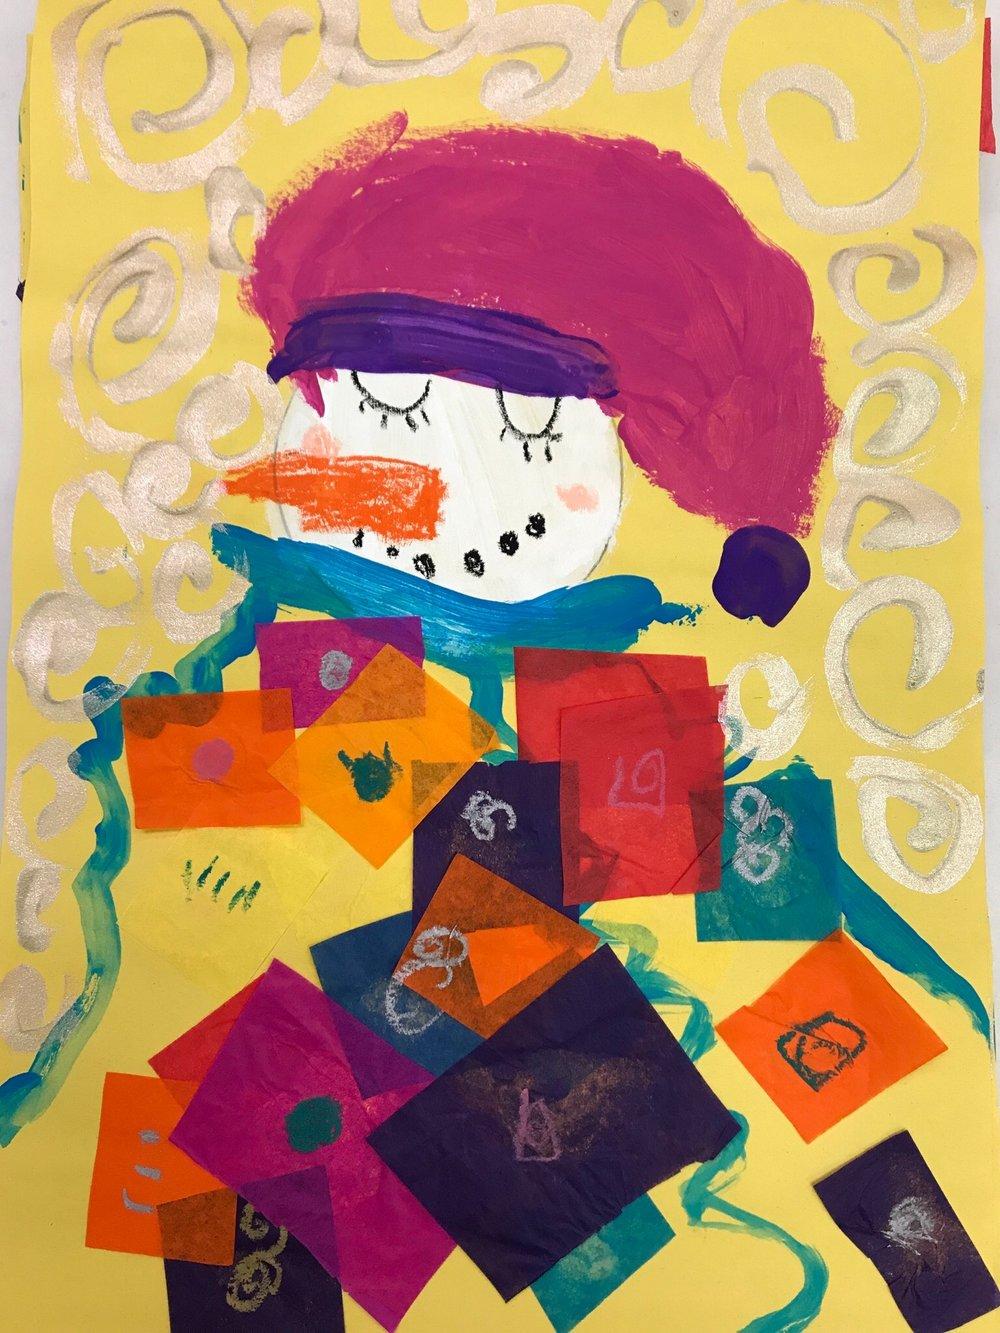 Klimt inspired snowman by a kindergarten student.